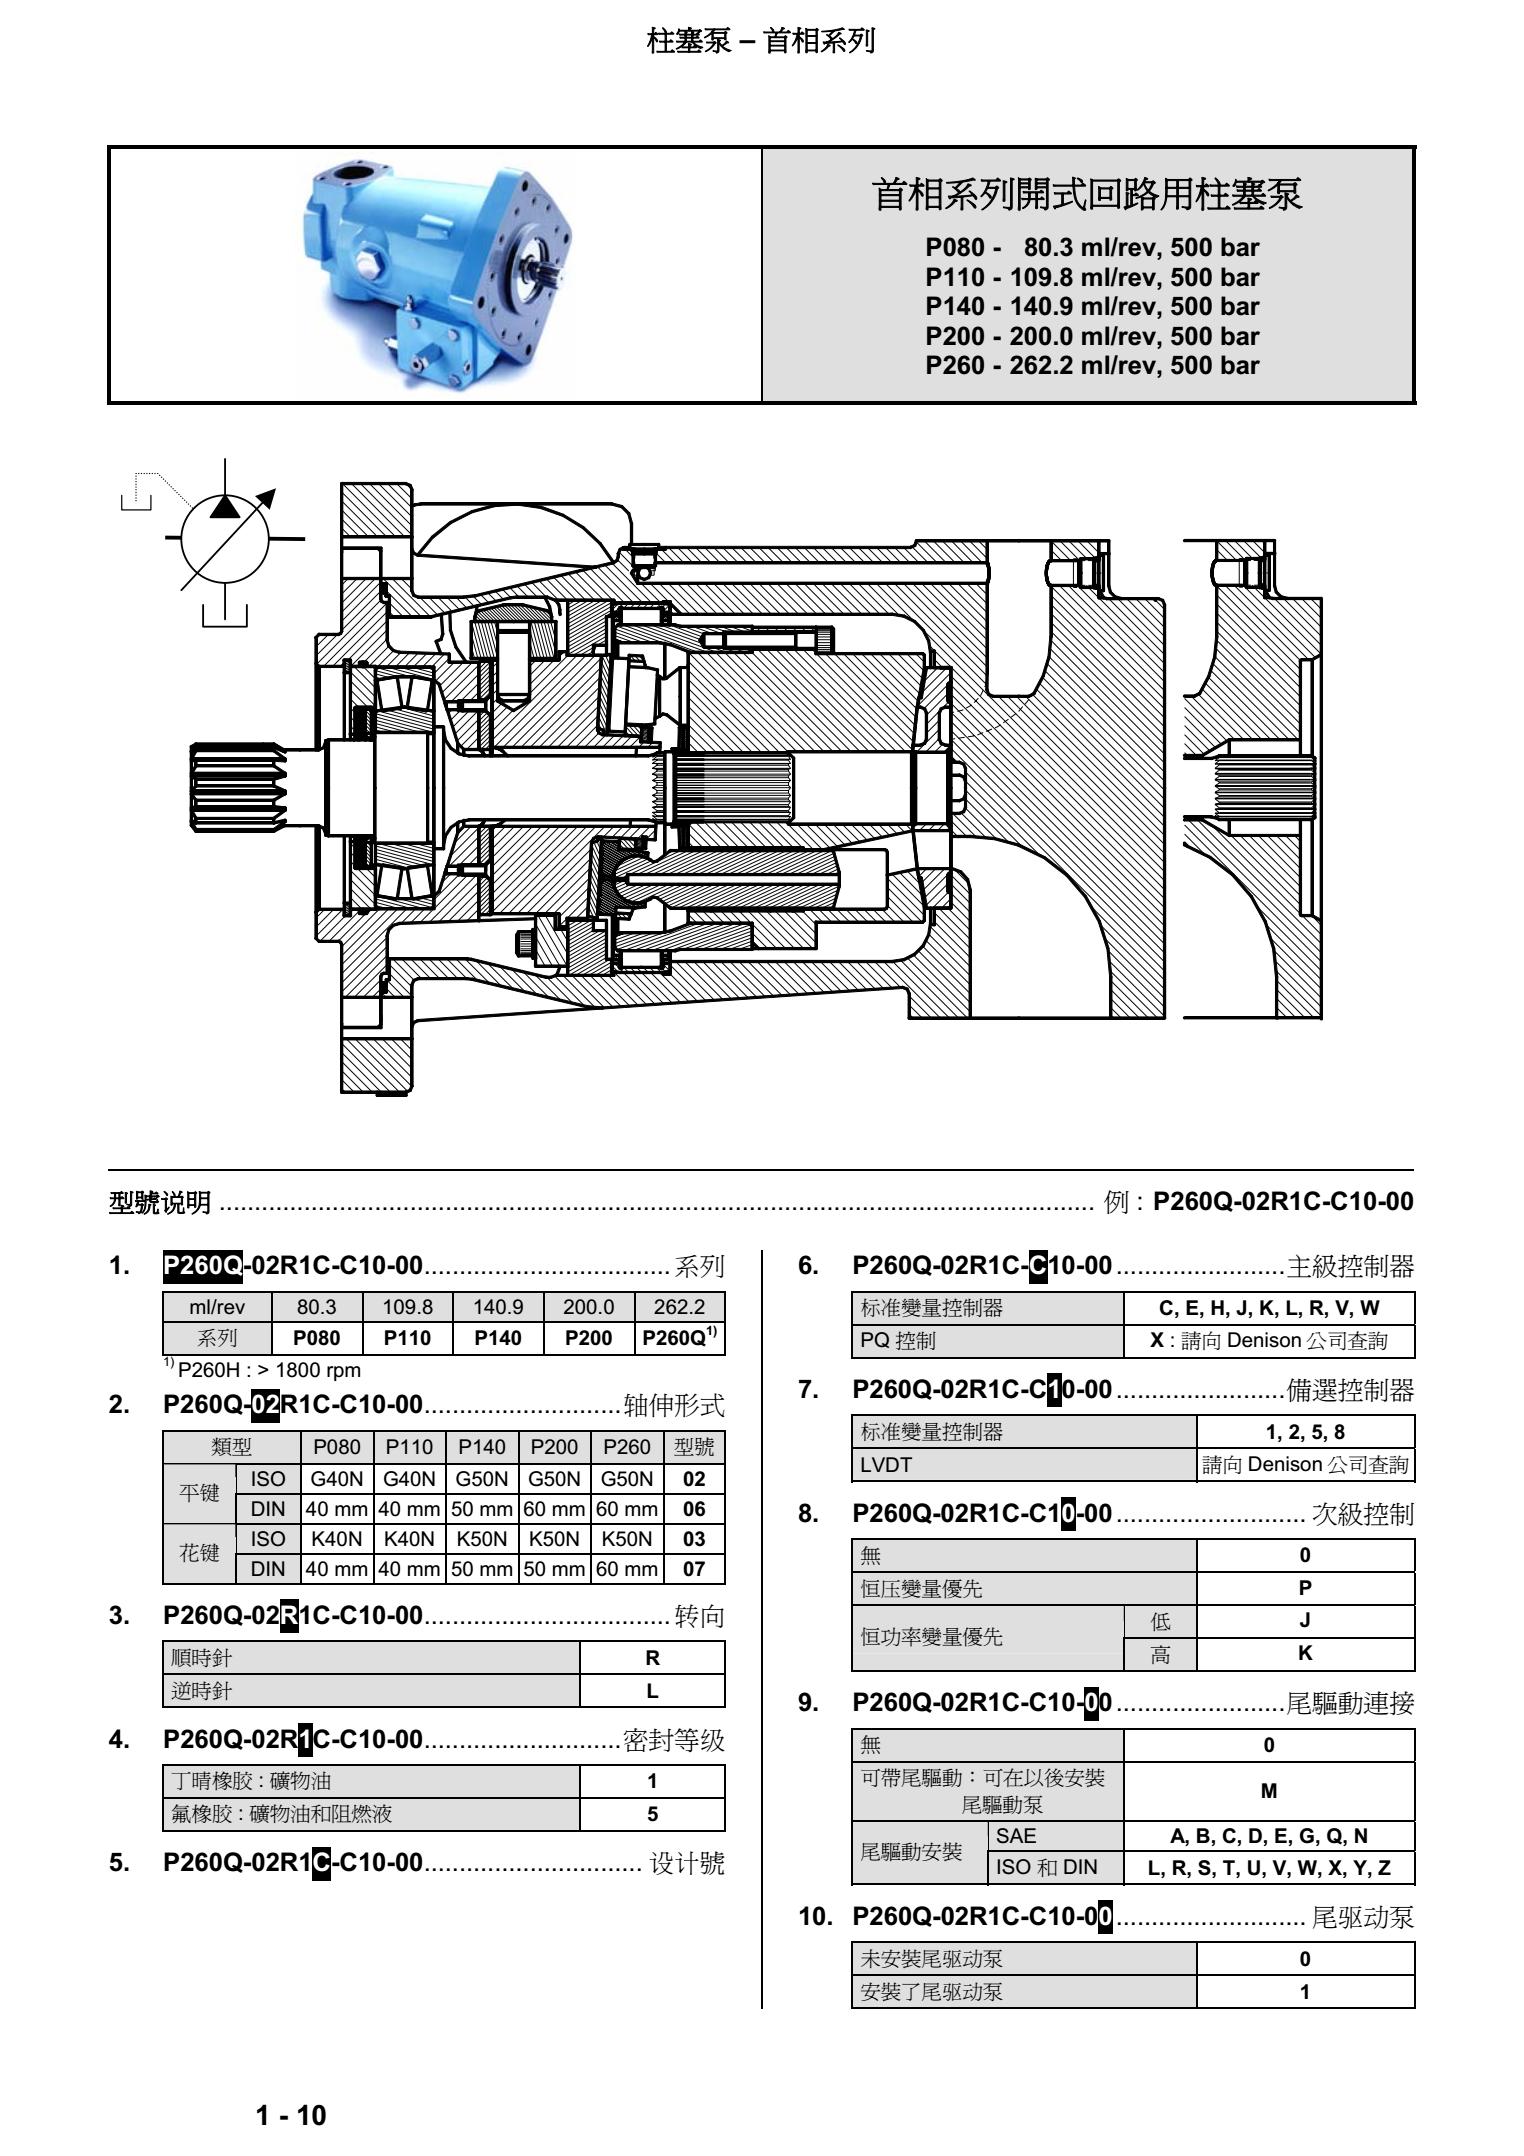 丹尼逊首相系列柱塞泵型号说明